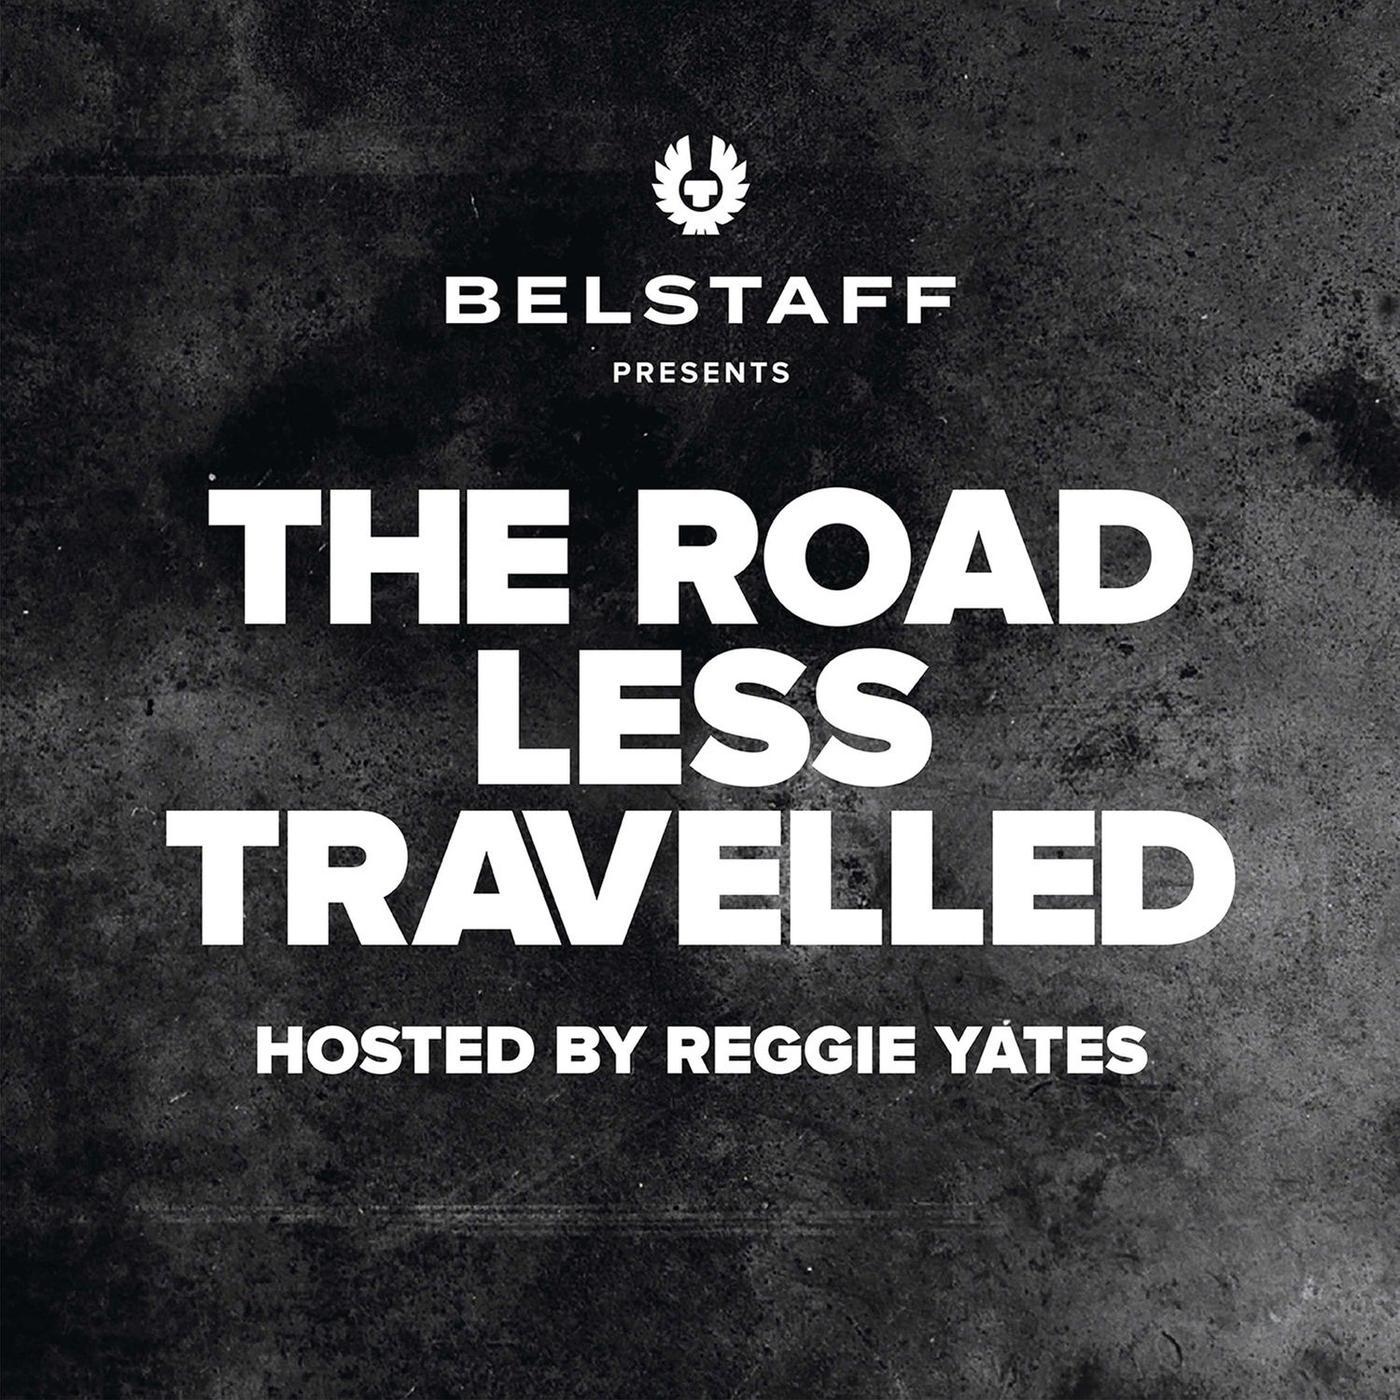 información para tienda del reino unido de calidad superior The Road Less Travelled (podcast) - Belstaff | Listen Notes